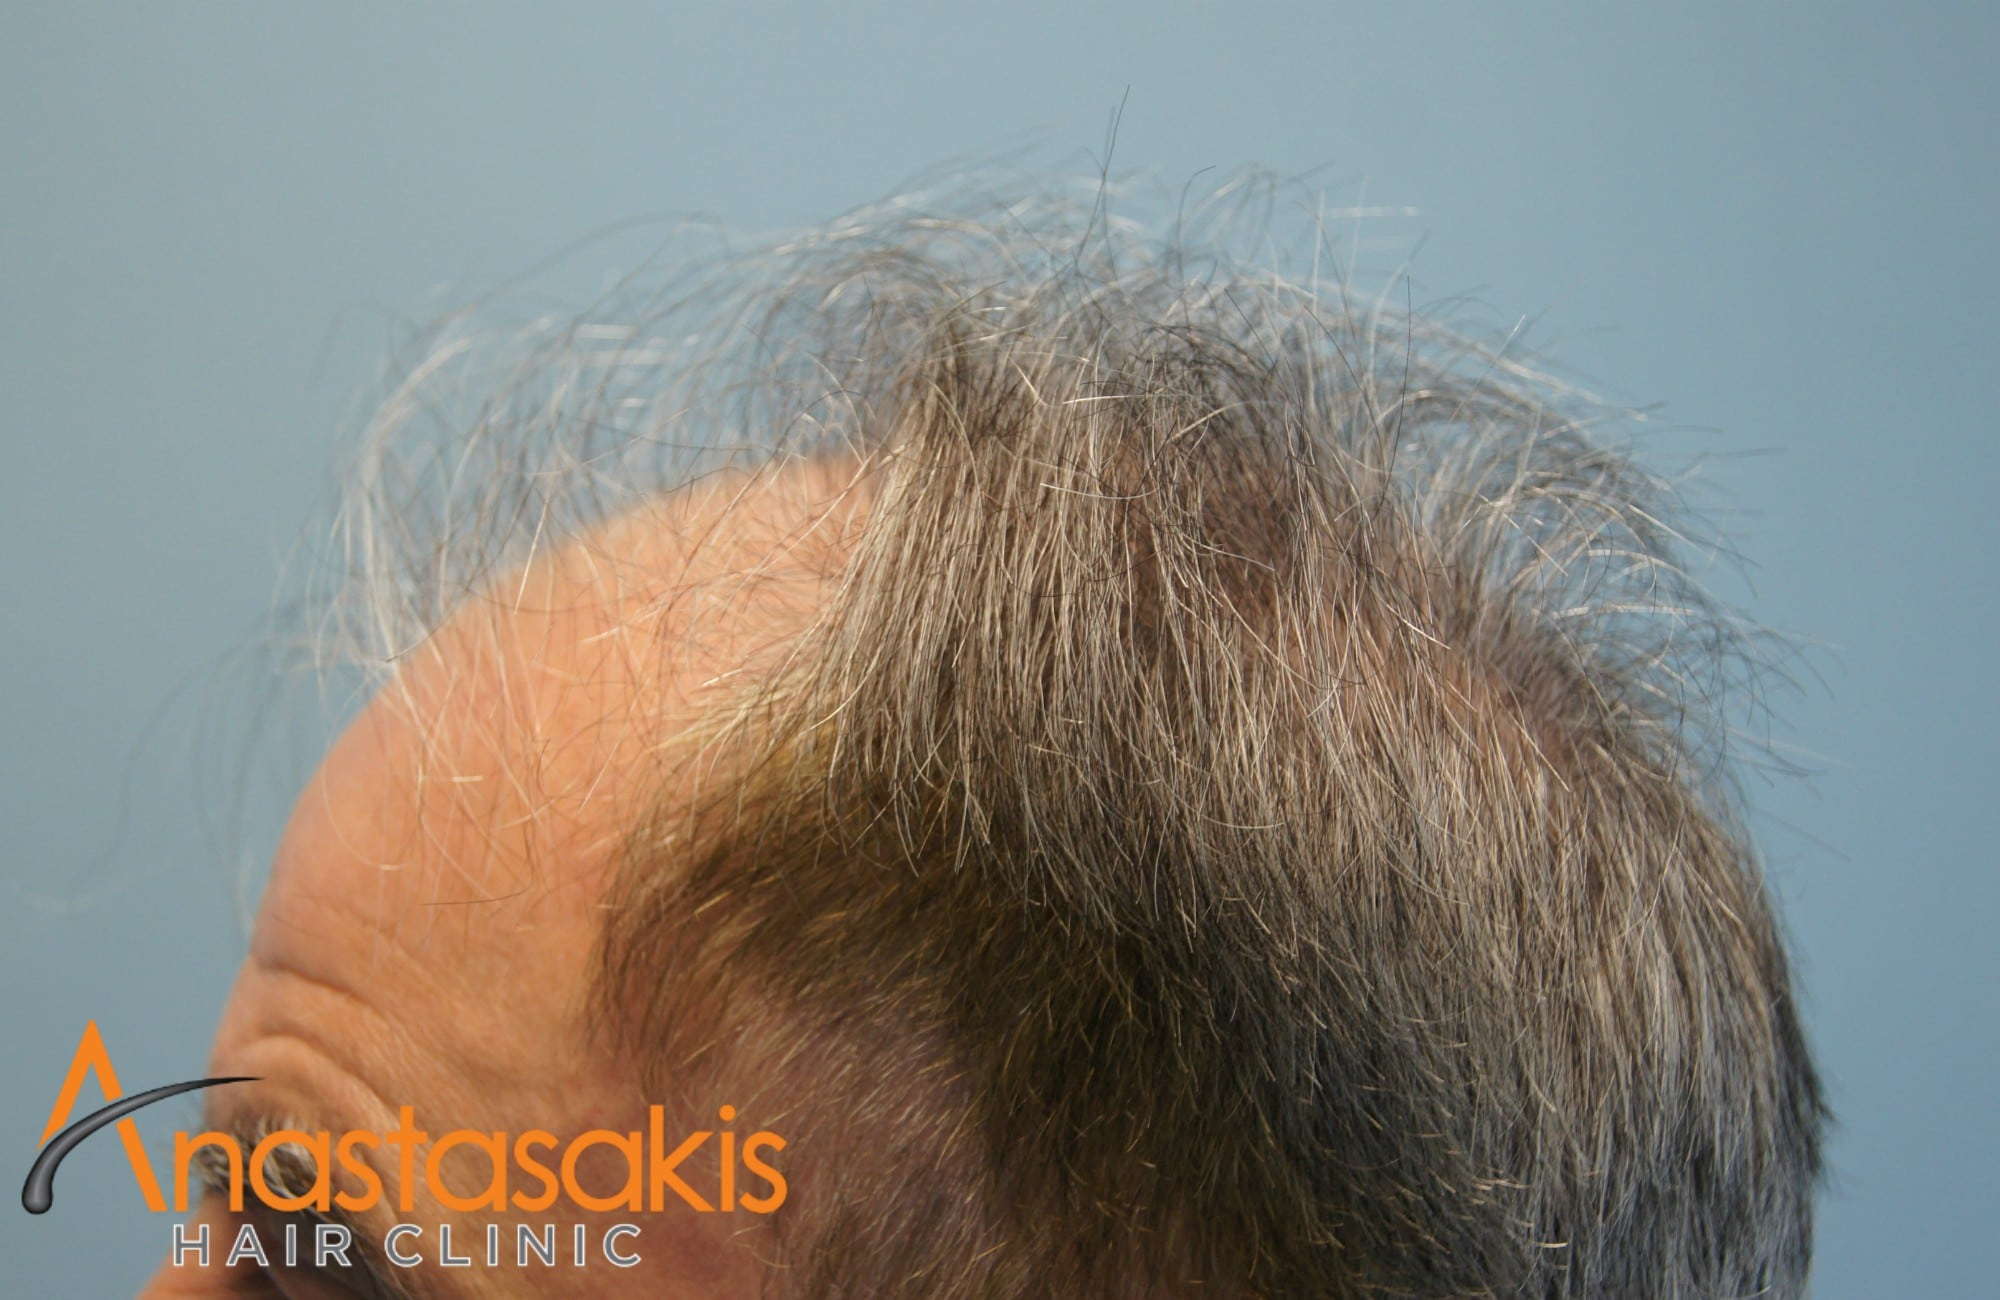 δεξι προφιλ ασθενους πριν τη μεταμοσχευση μαλλιων με 3650 fus